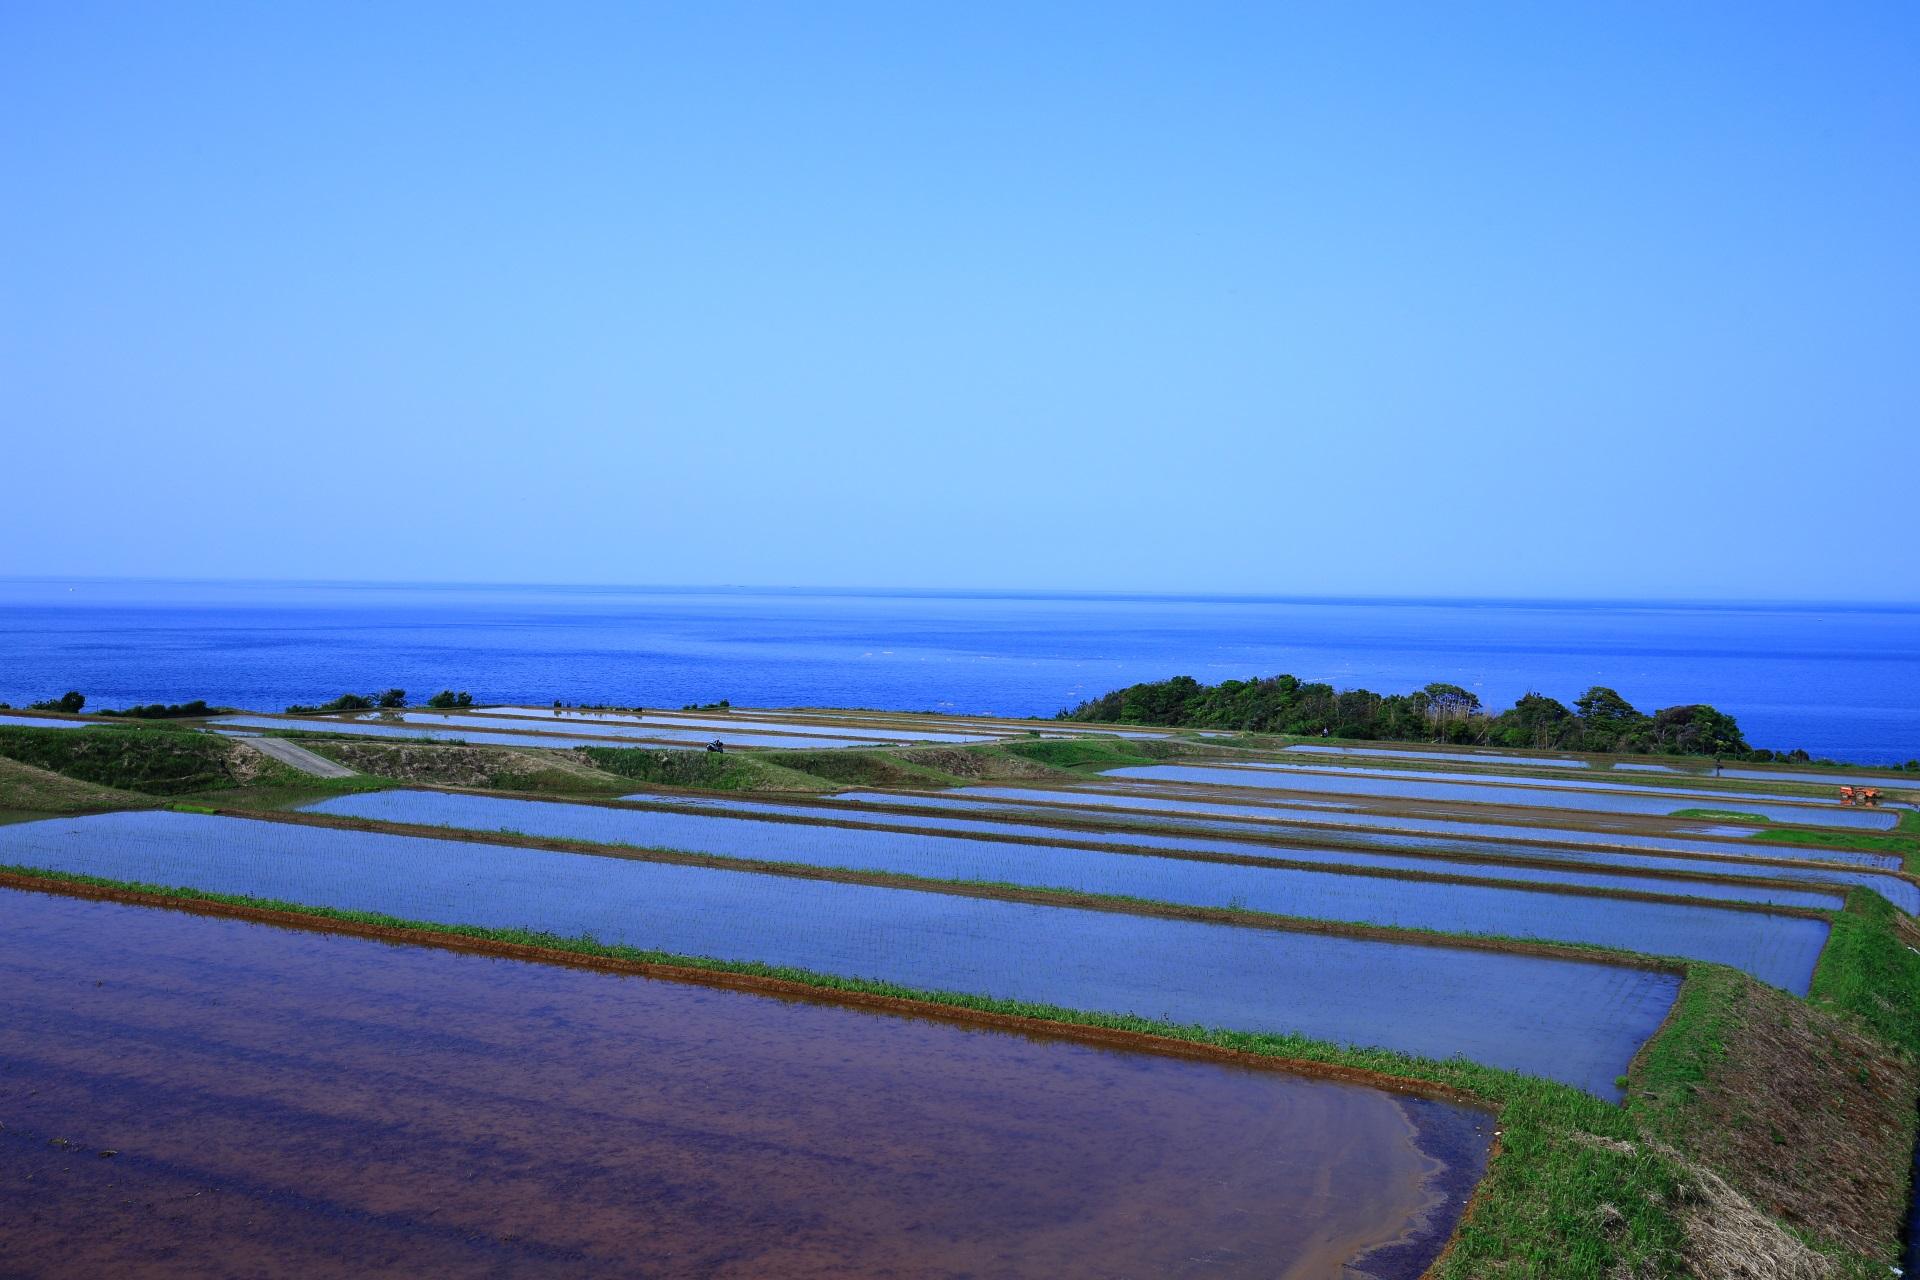 穏やかな青い海と青い空が引き立てる美しい棚田